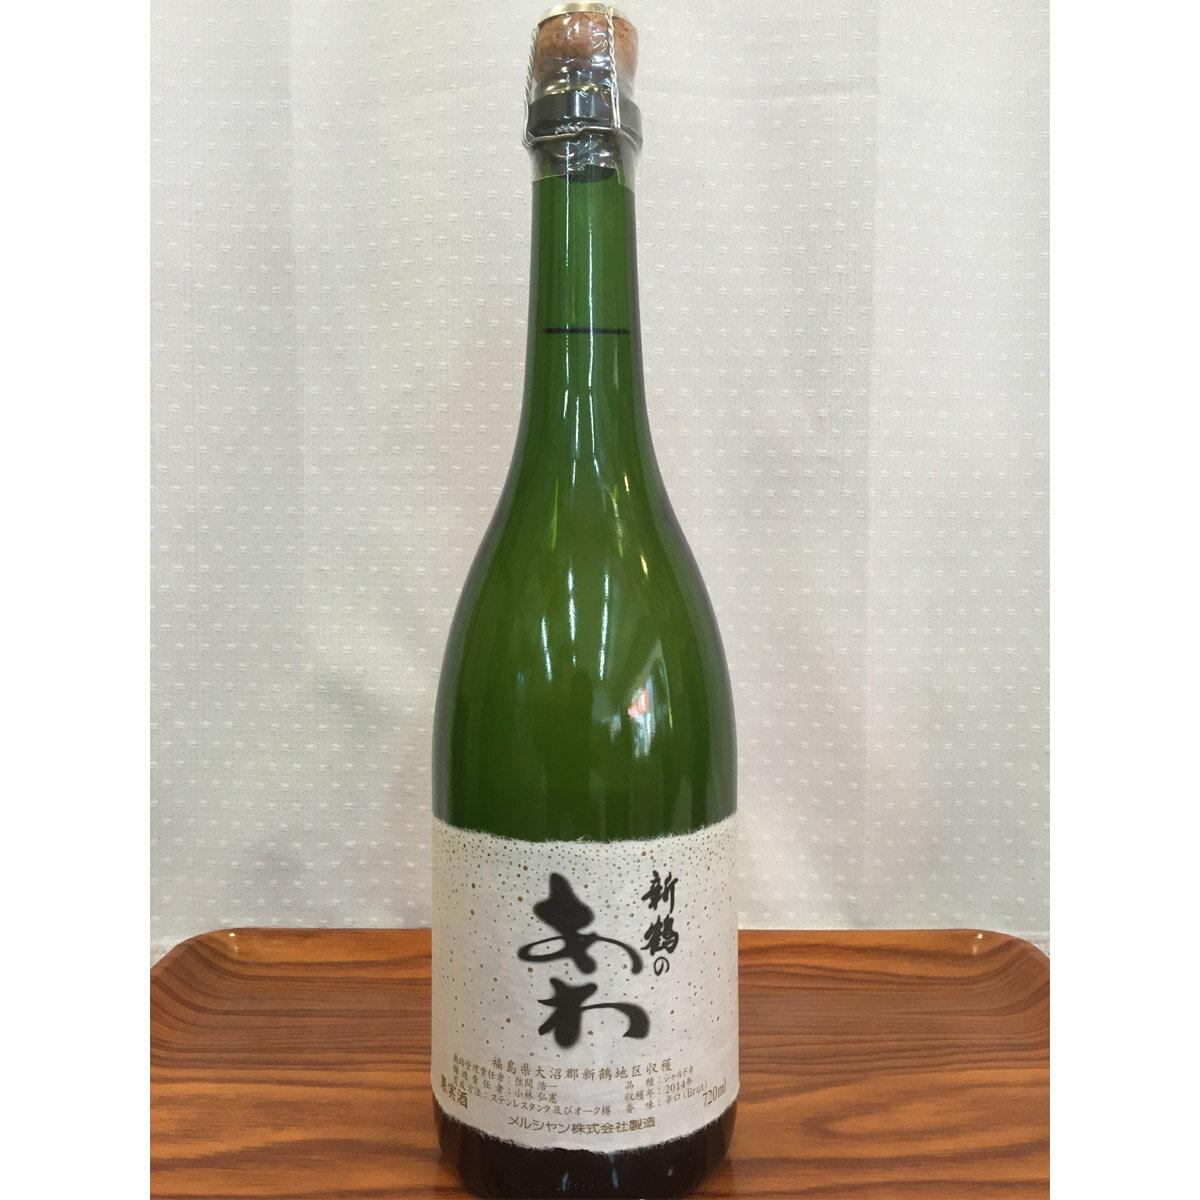 【ふるさと納税】スパークリングワイン新鶴のあわ 720ml